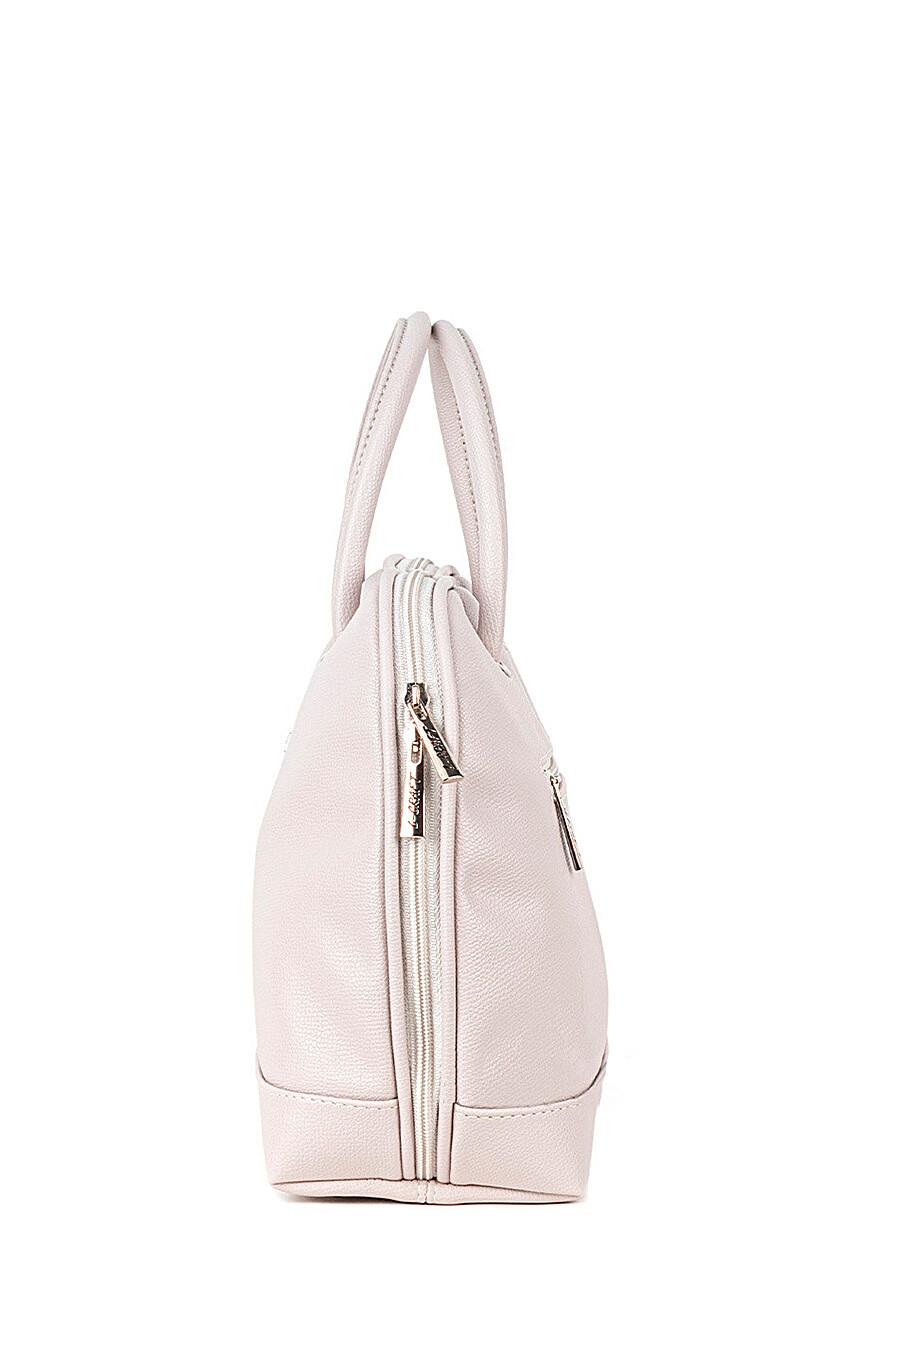 Сумка для женщин L-CRAFT 668235 купить оптом от производителя. Совместная покупка женской одежды в OptMoyo